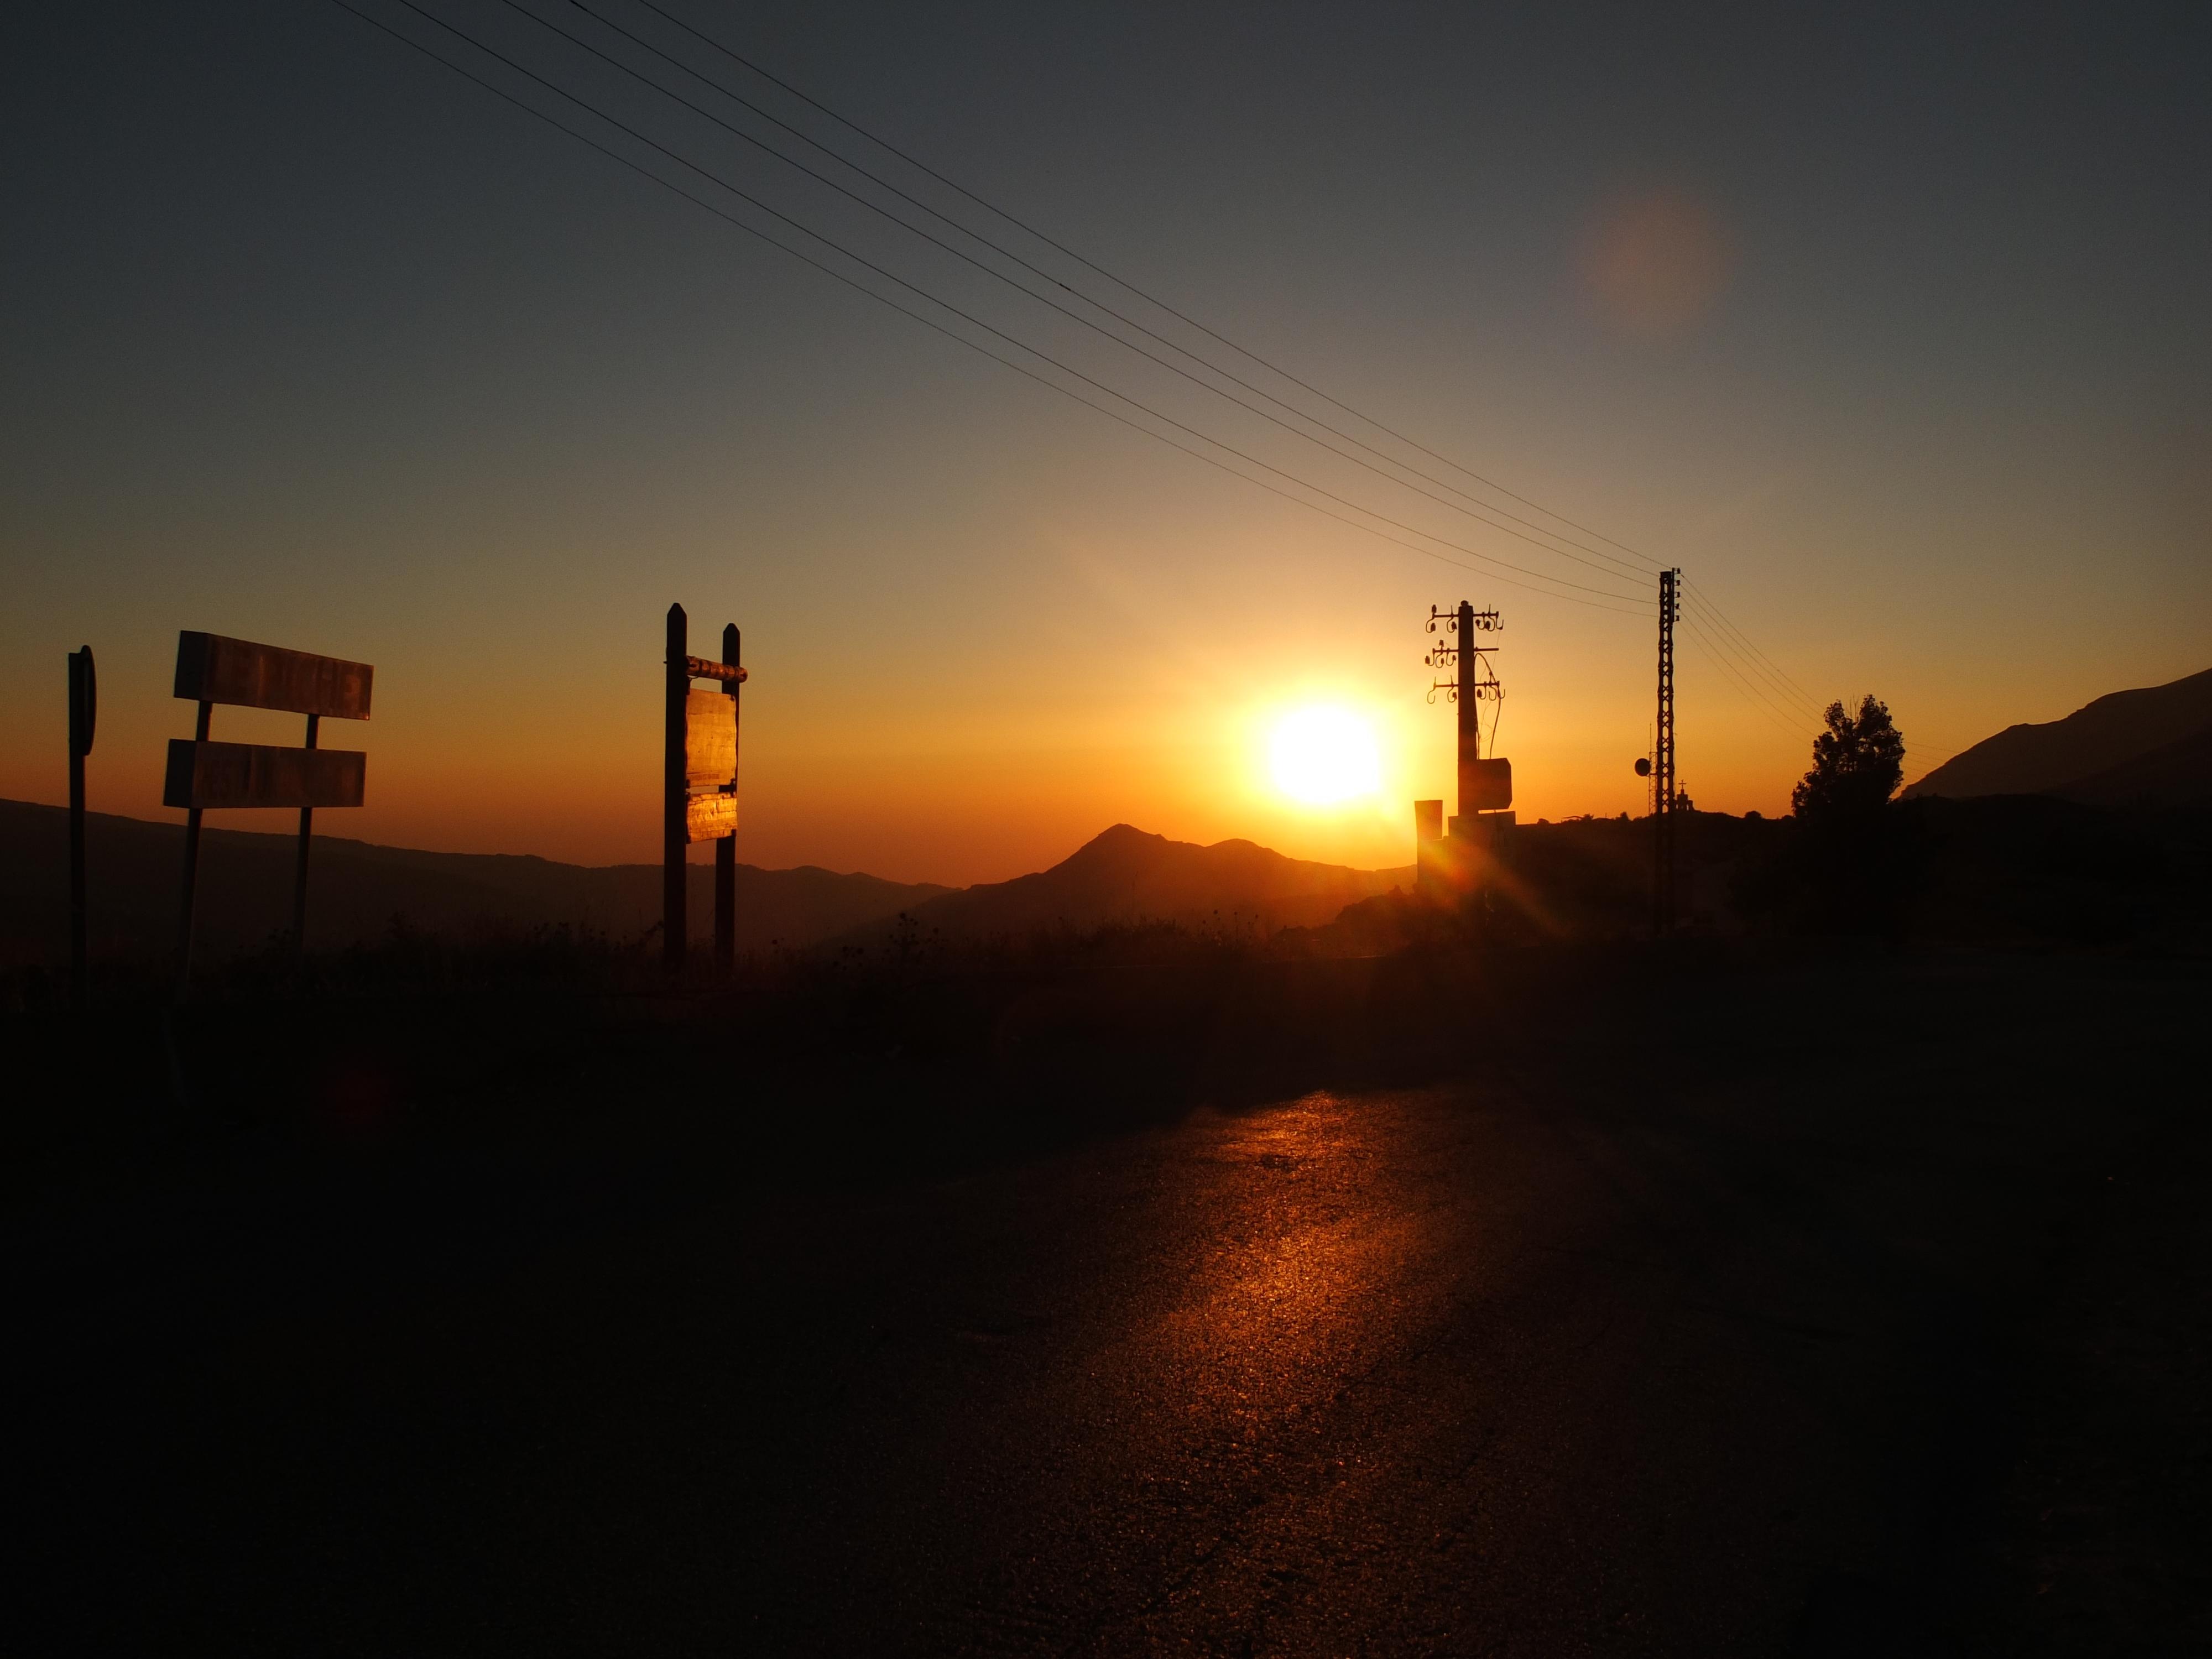 coucher de soleil sur la vallée de la Kadicha